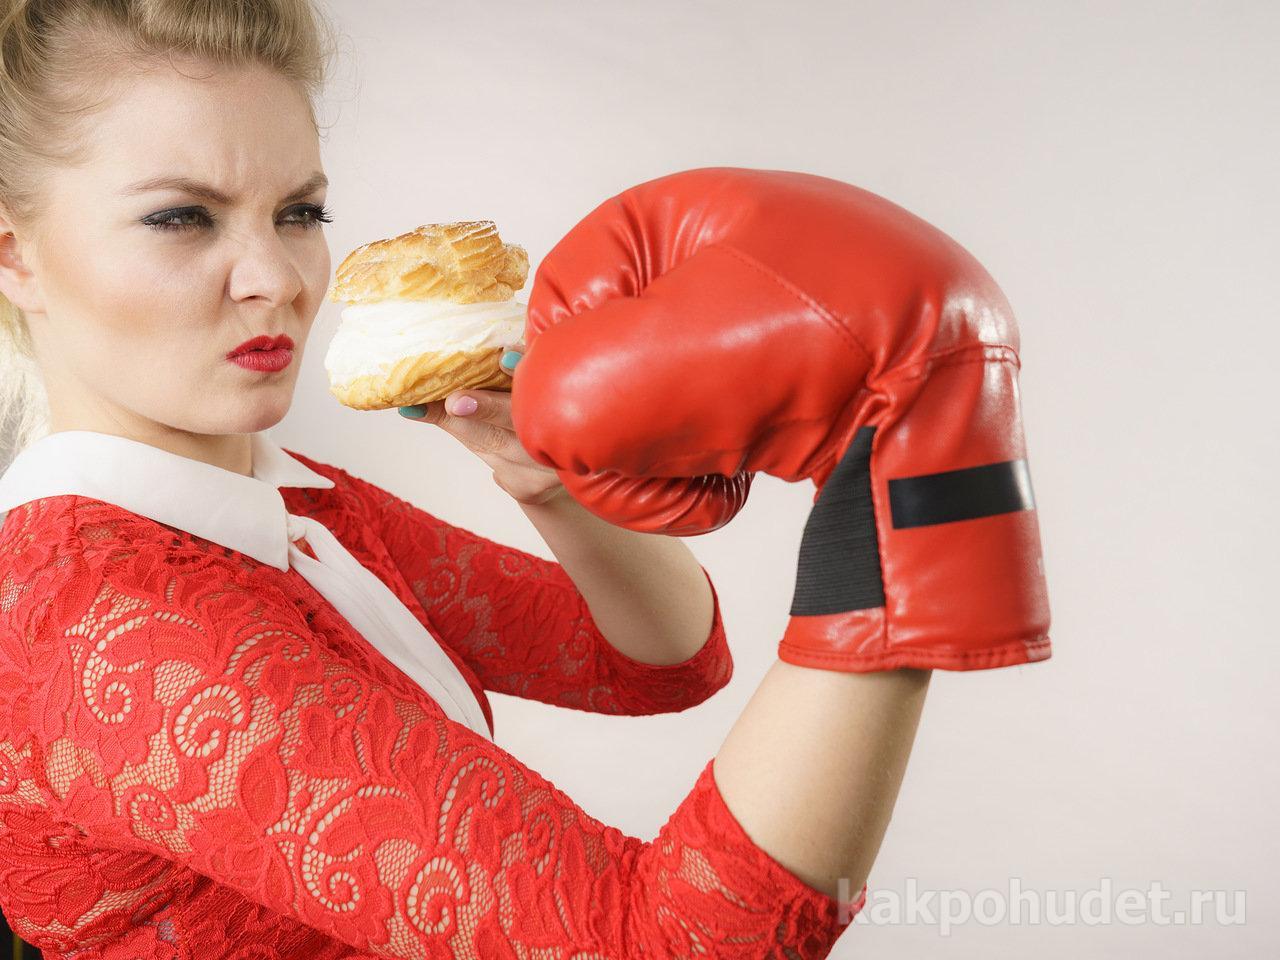 что мешает похудеть - сладости